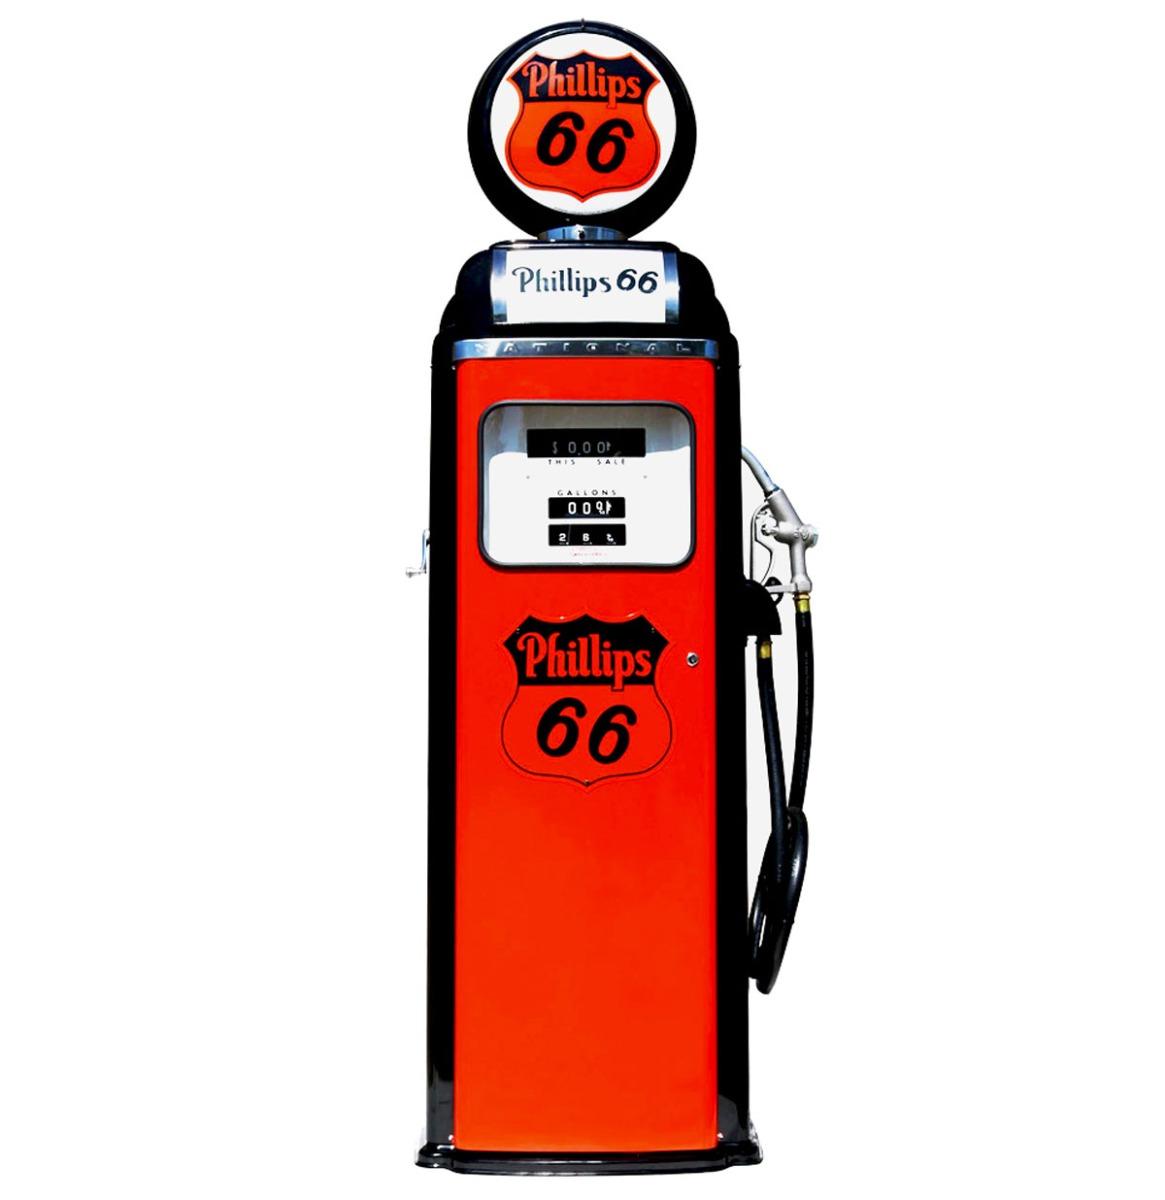 Phillips 66 National 360 Computer Face Benzinepomp - Oranje & Zwart - Reproductie